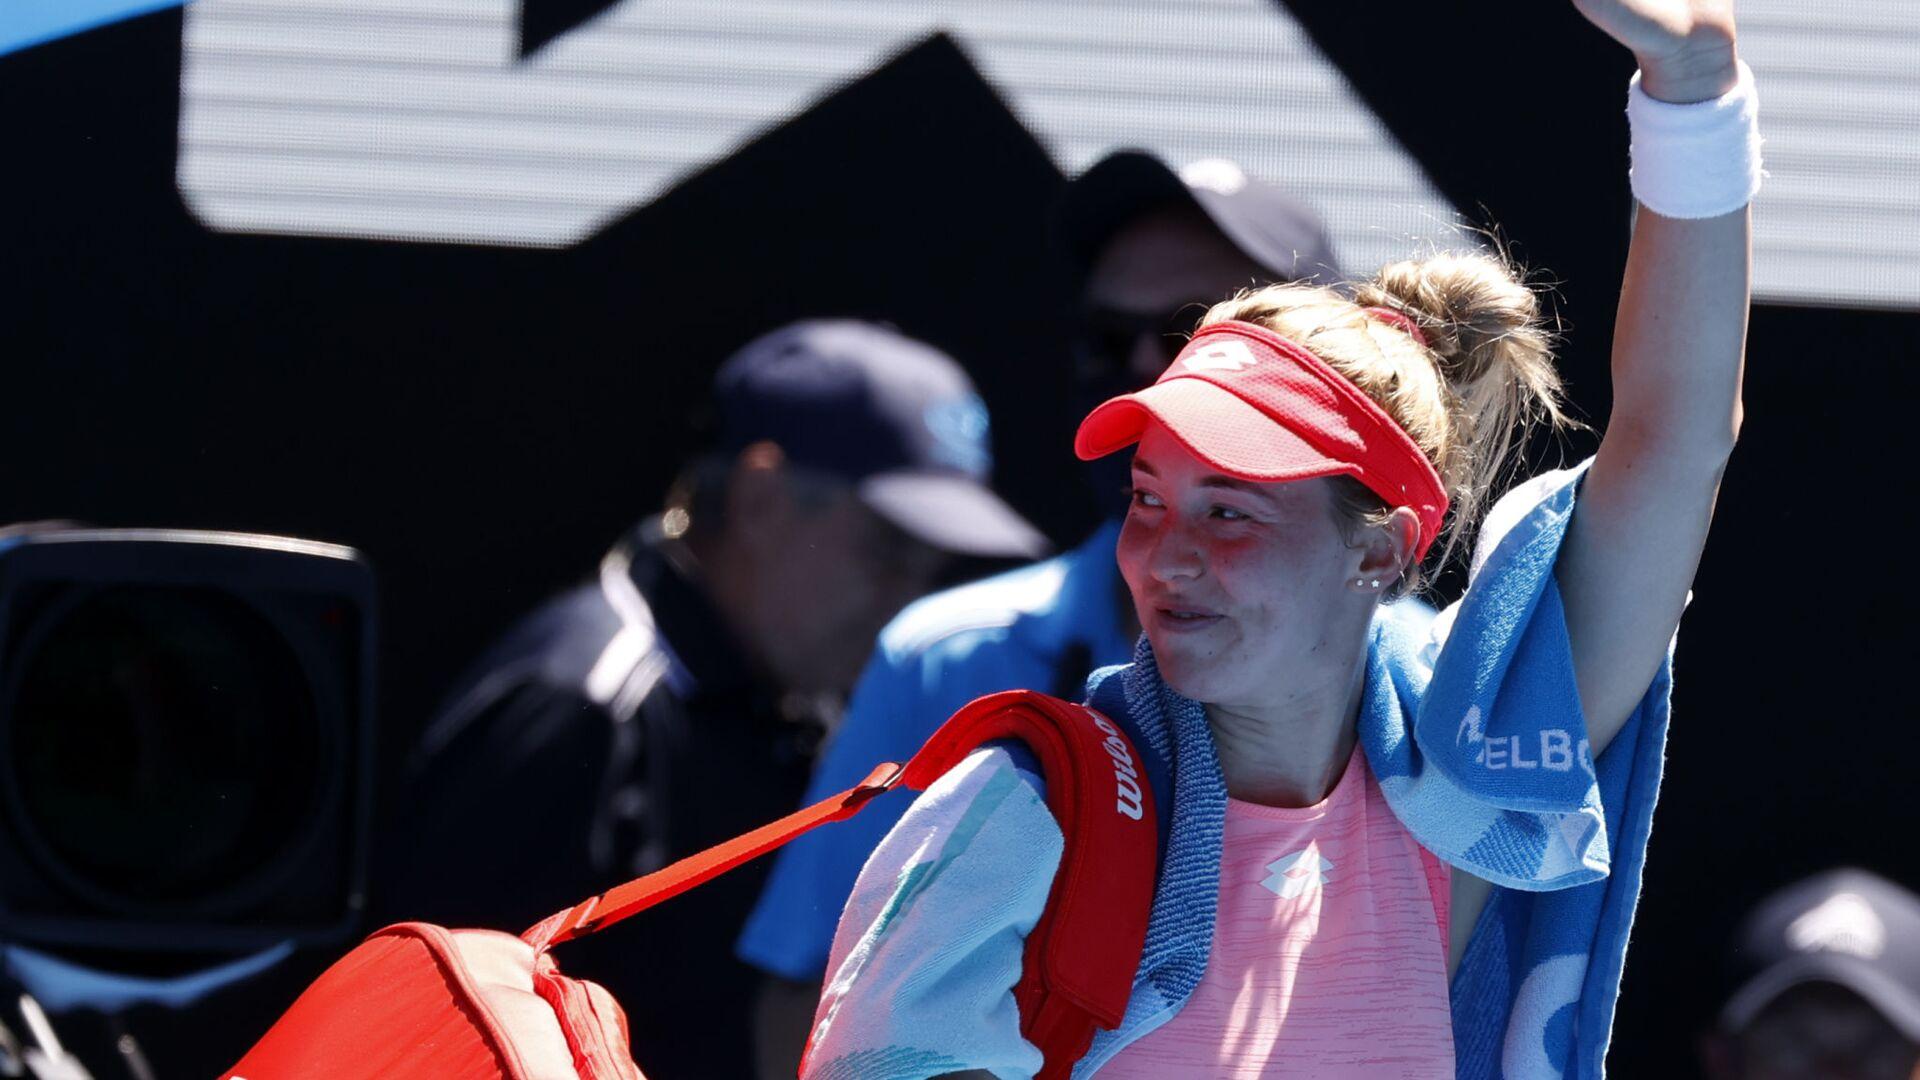 Srpska teniserka Nina Stojanović posle poraza od Serene Vilijams na Australijan openu 2021. - Sputnik Srbija, 1920, 24.07.2021